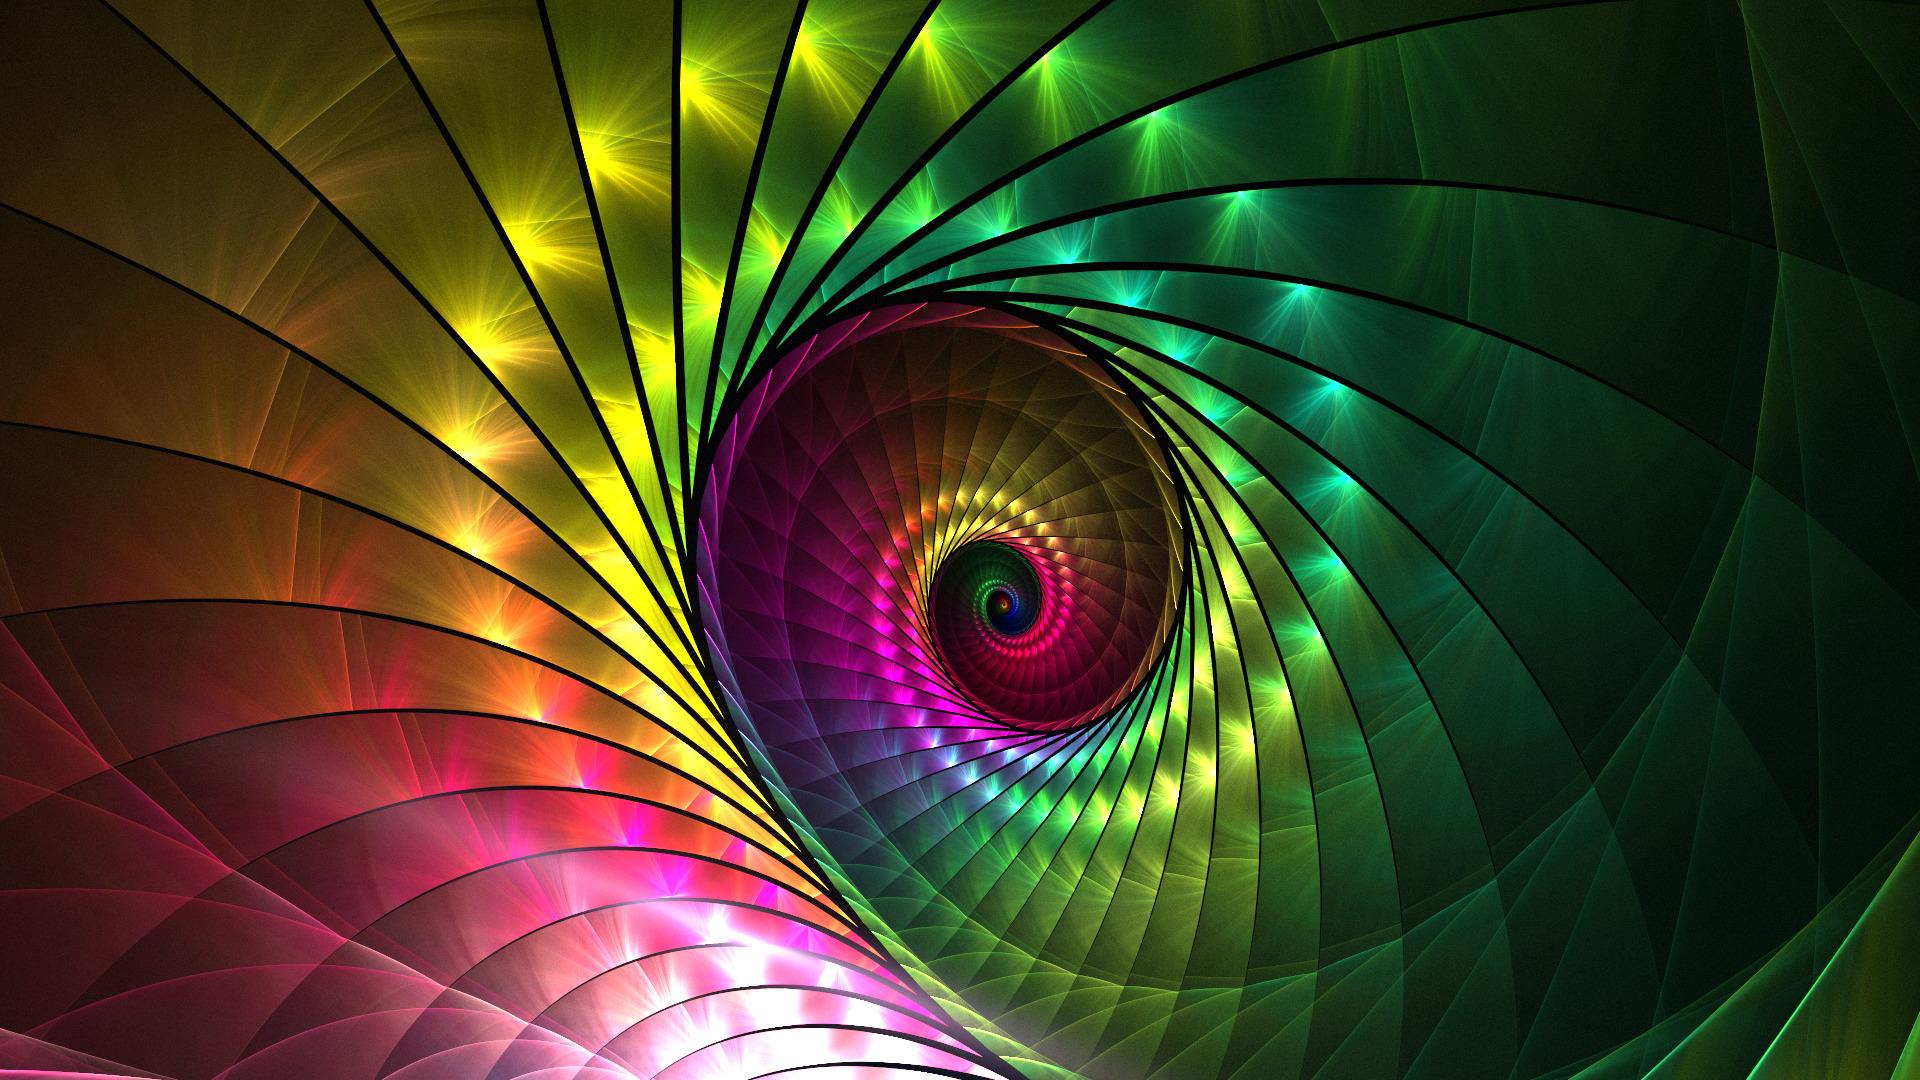 Avatar Wallpaper Hd 3d Abstract Spiral Fractal Wallpapers Hd Desktop And